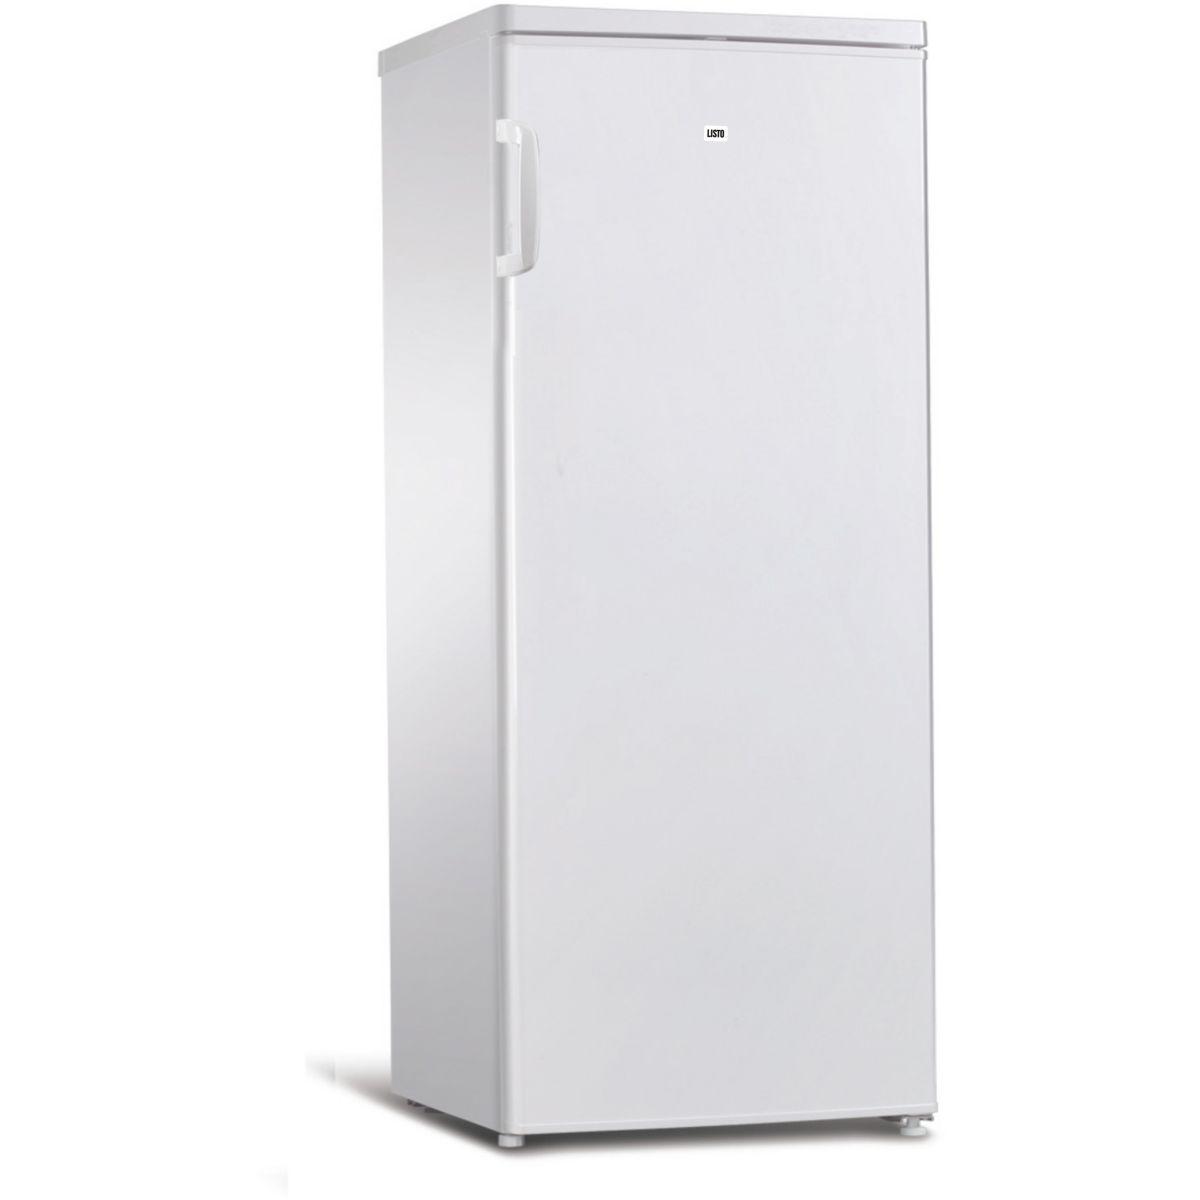 cong lateur armoire listo cal 125 55b2 vendu par boulanger 2547094. Black Bedroom Furniture Sets. Home Design Ideas